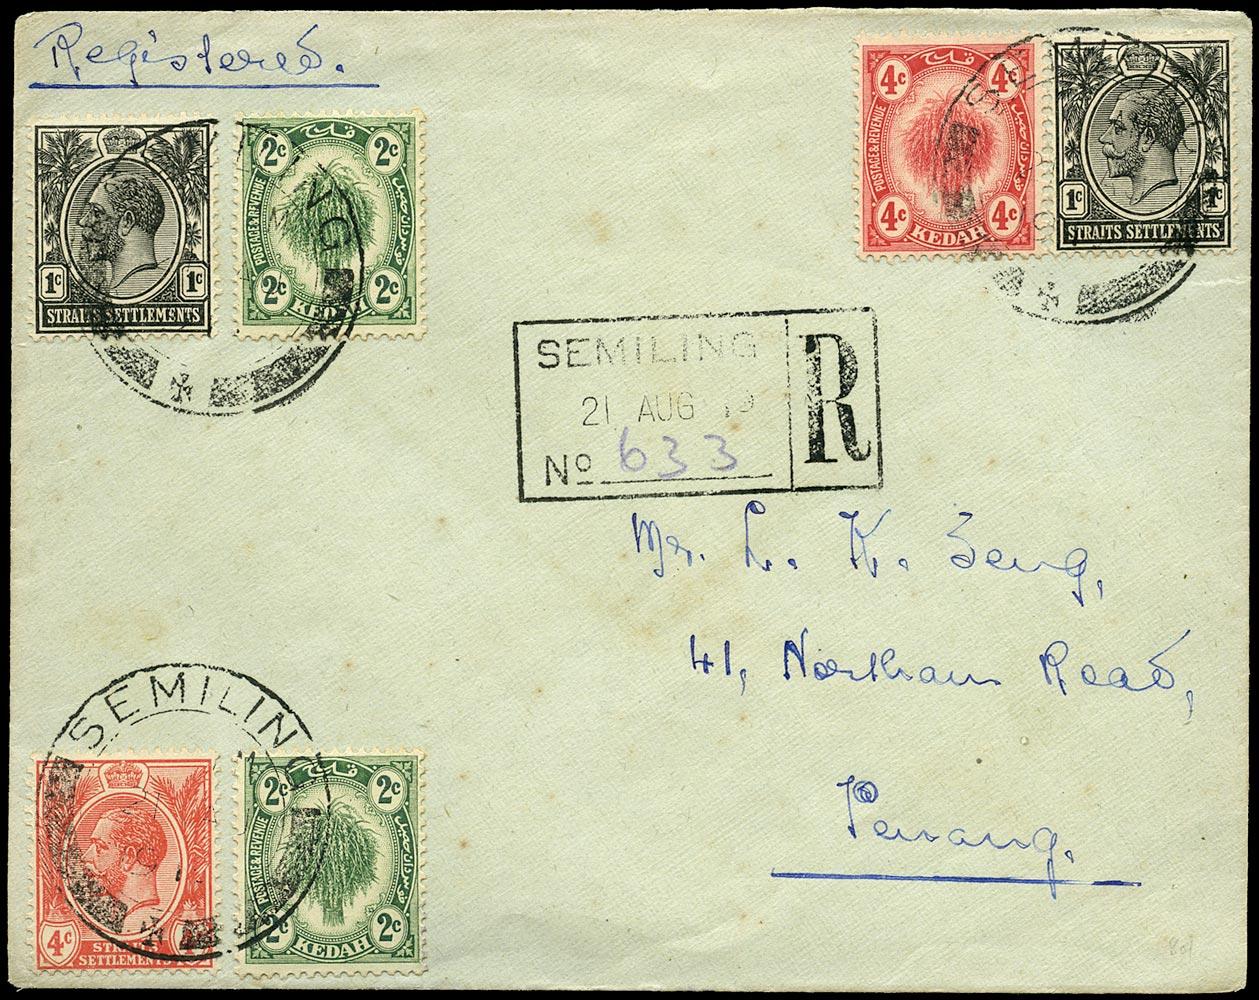 MALAYA - KEDAH 1919  SG18, 20 Cover registered mixed franking from Semiling to Penang